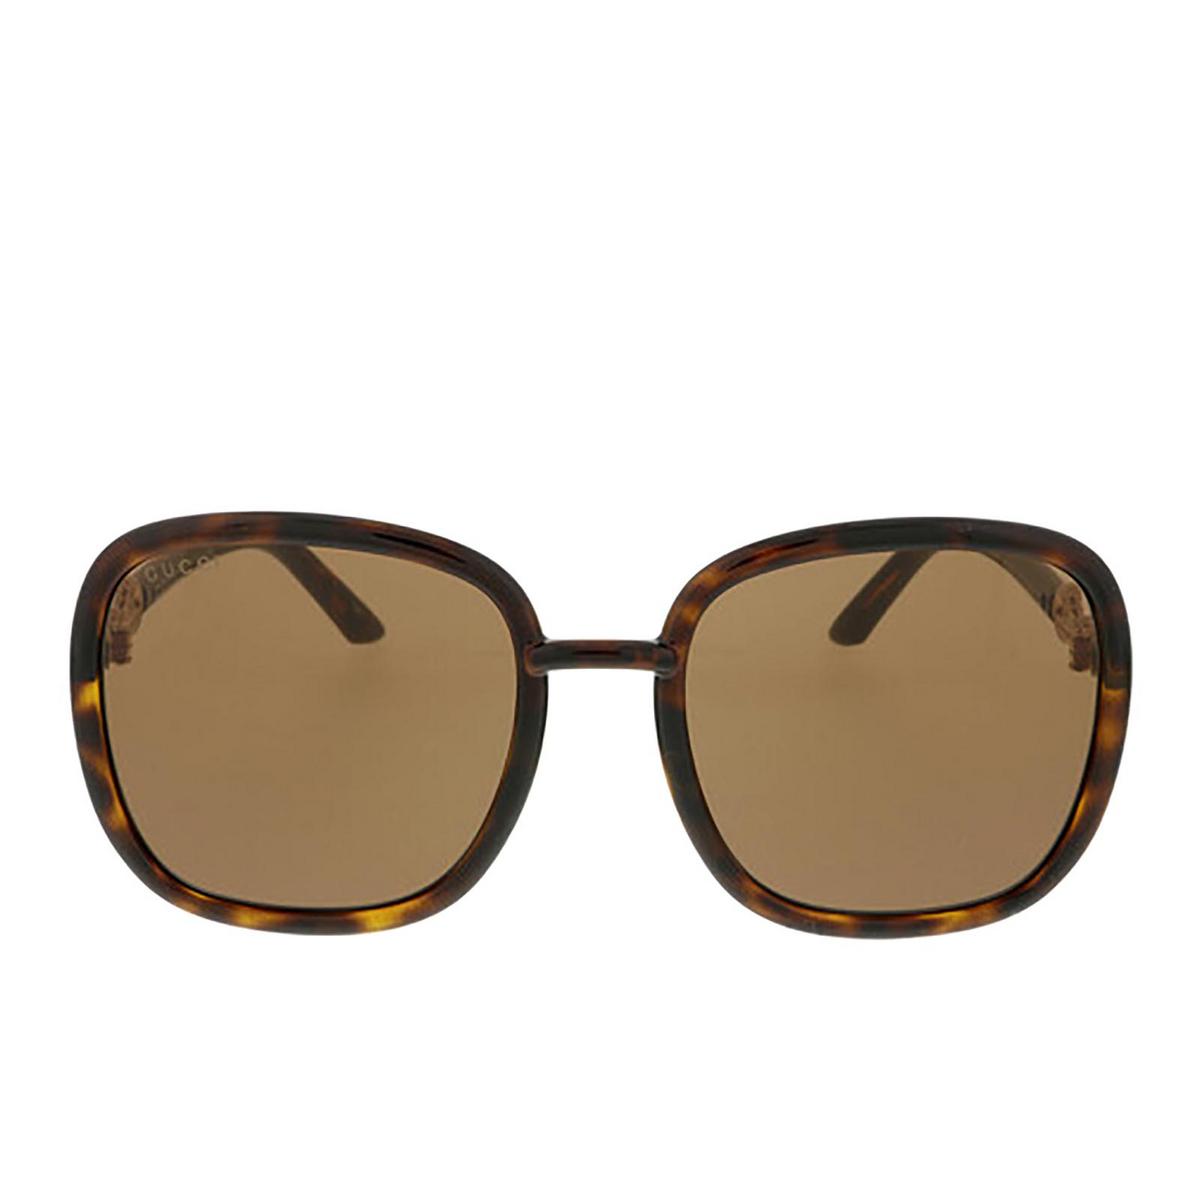 Gucci® Square Sunglasses: GG0893S color Dark Havana 002 - 1/3.